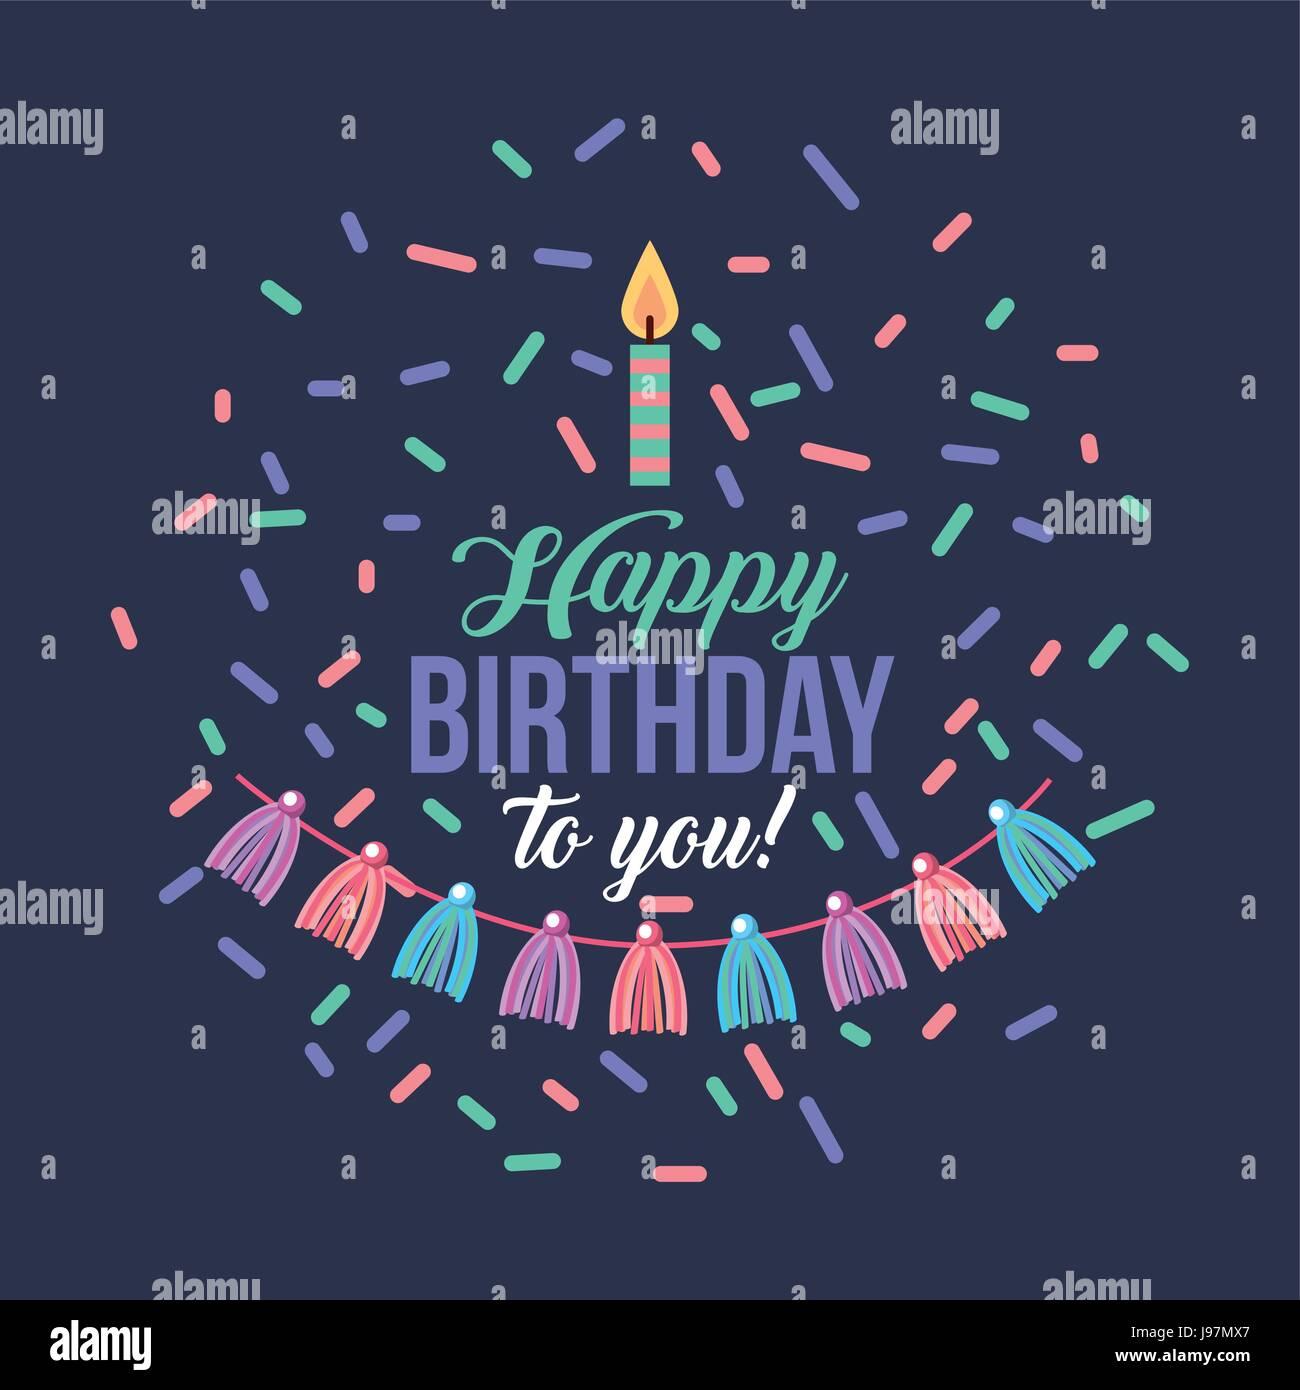 Feliz cumpleaños kawaii antecedentes Imagen De Stock